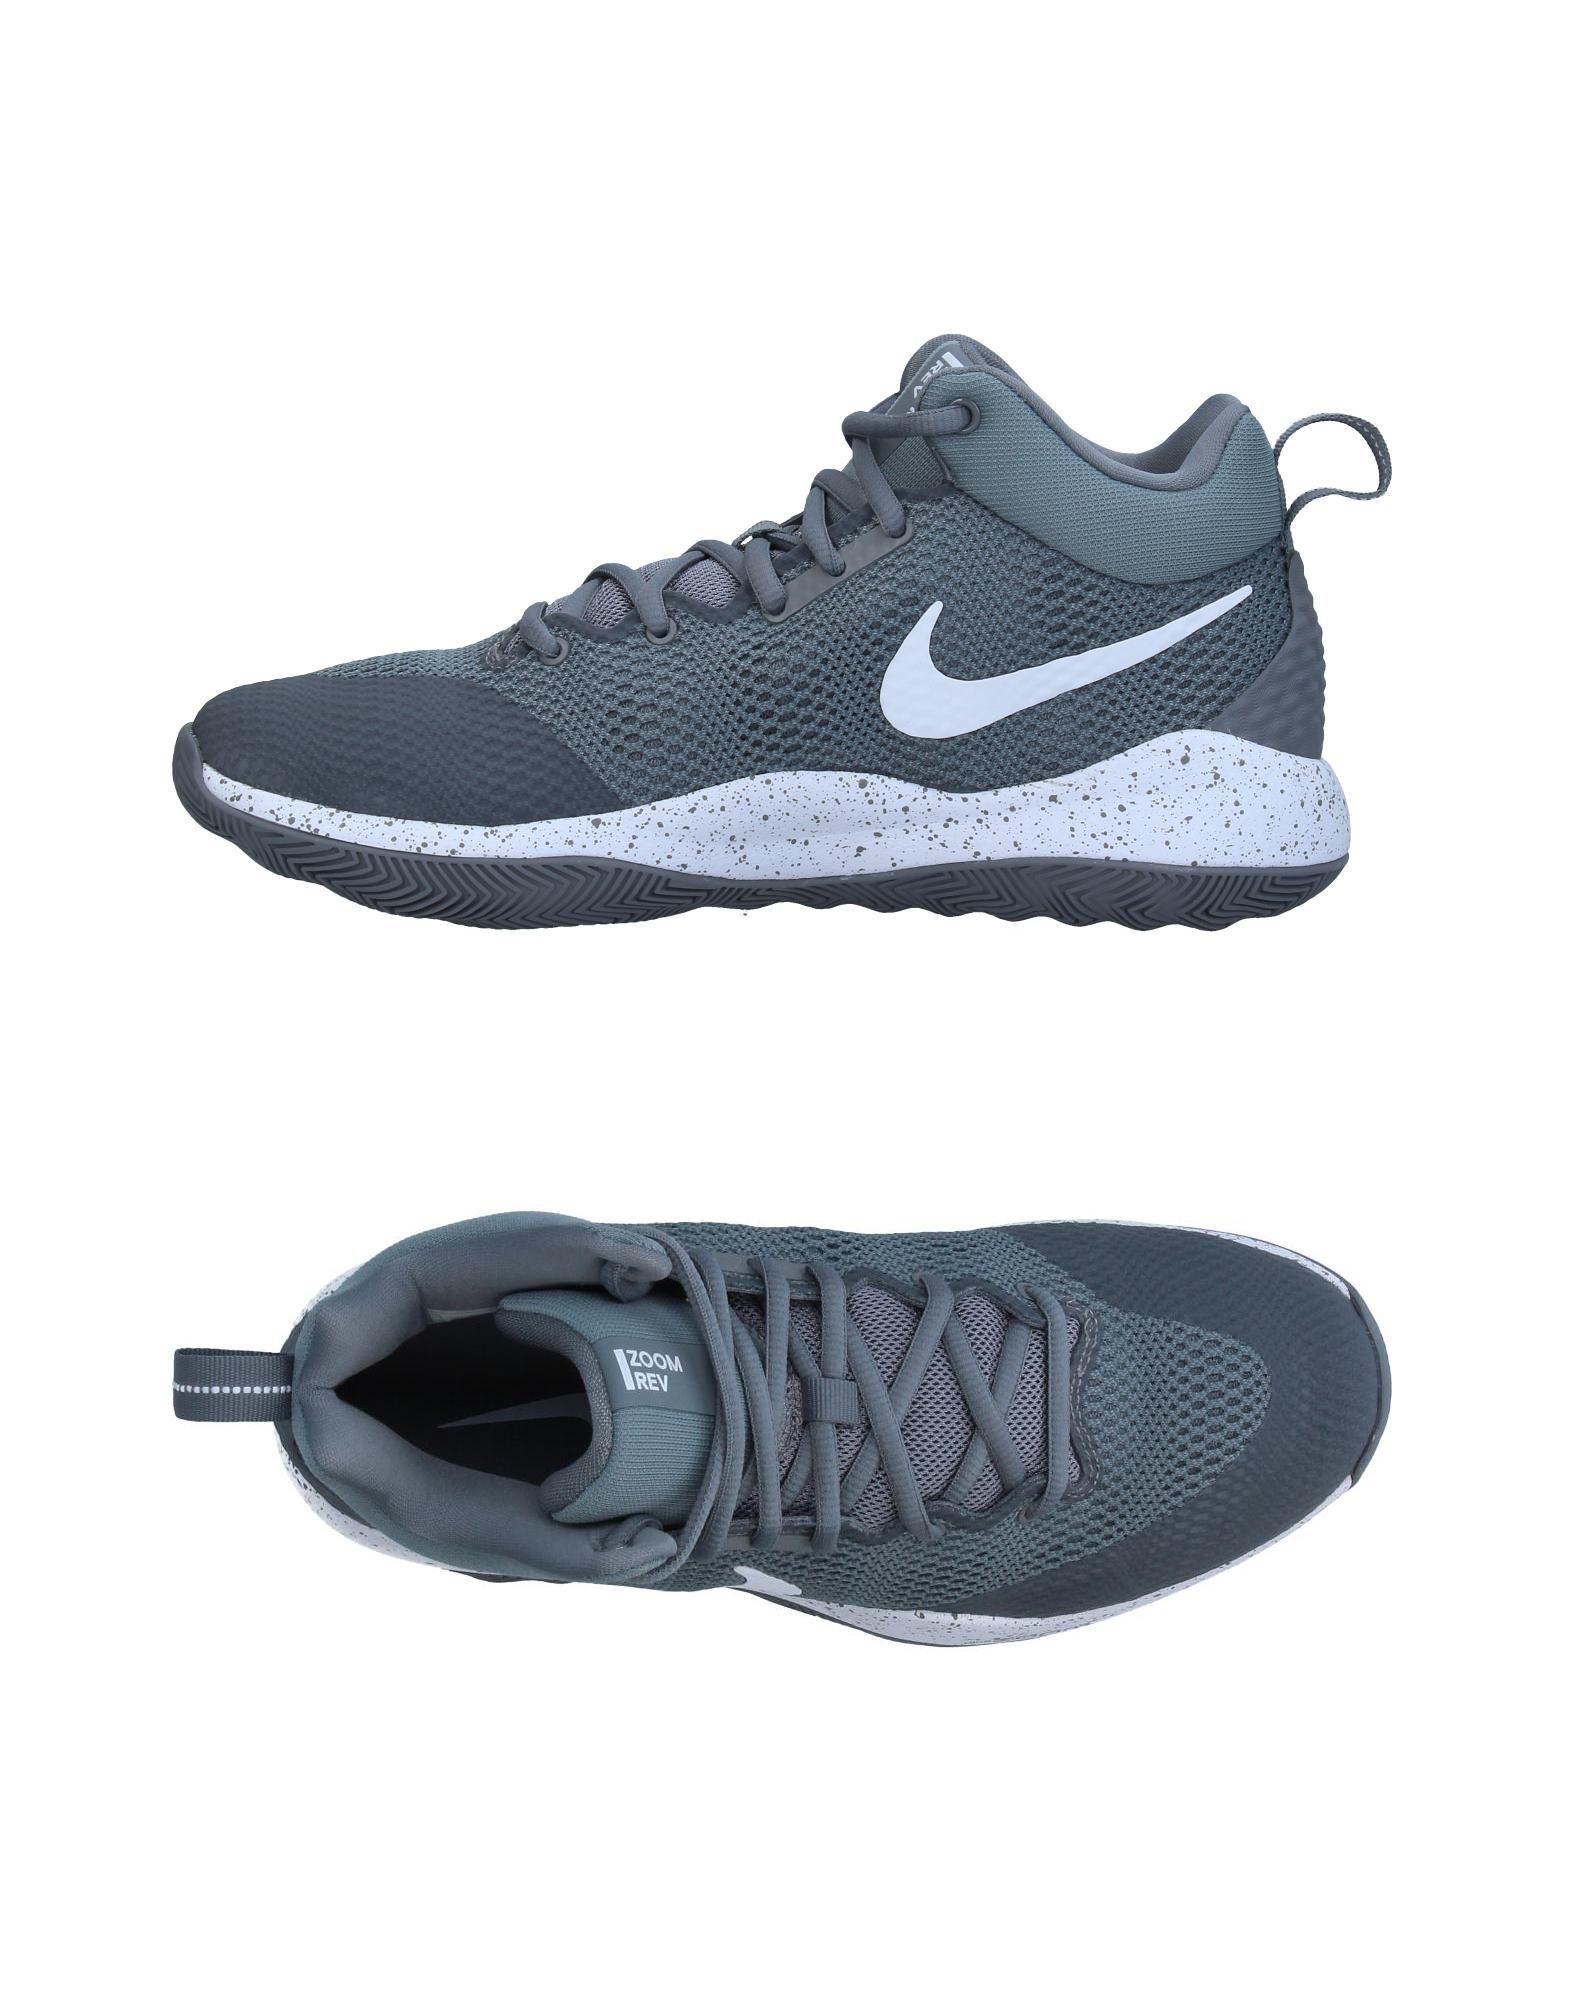 Rabatt echte Schuhe Sneakers Nike Sneakers Schuhe Herren  11357677GK f8e6ed